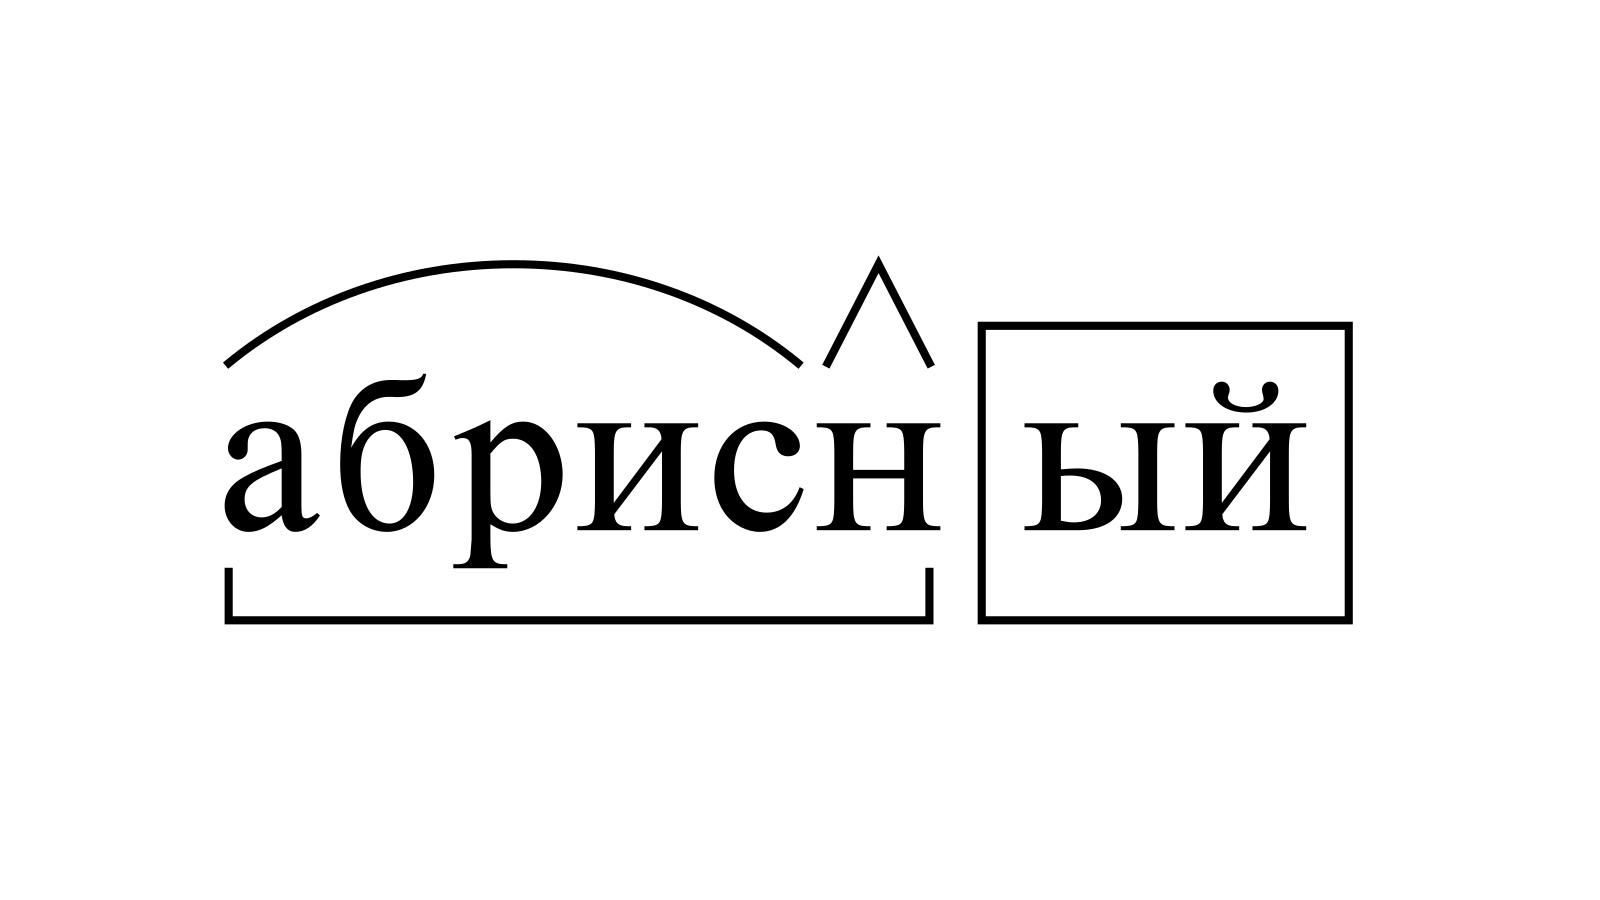 Разбор слова «абрисный» по составу